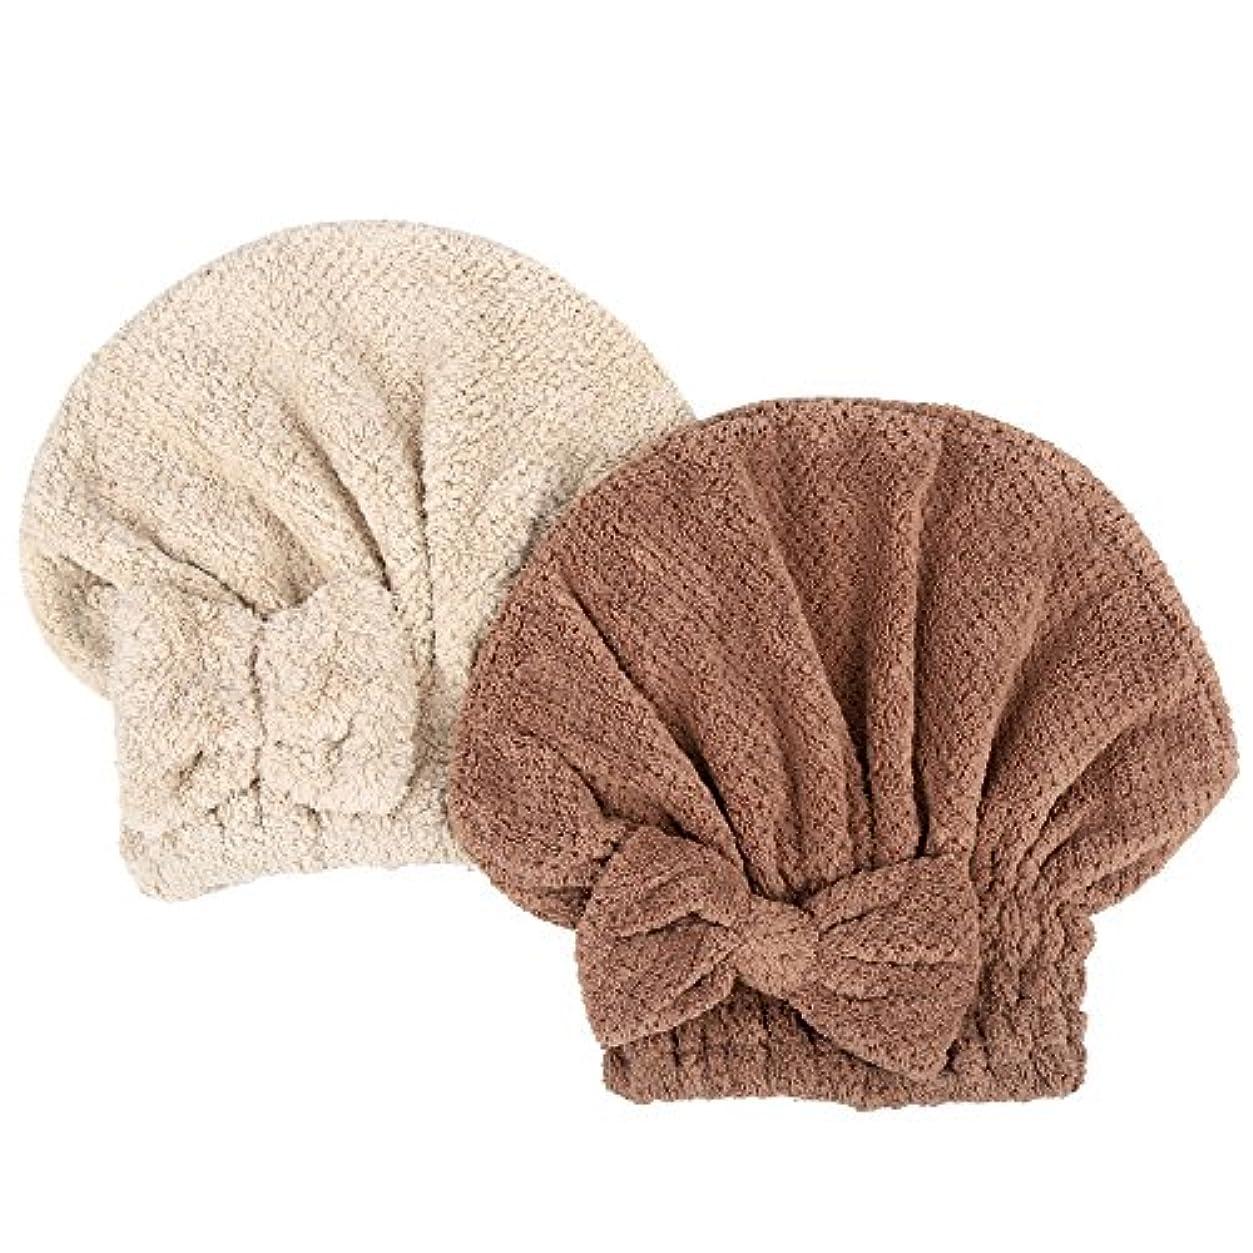 補助キャラクター明日KISENG タオルキャップ 2枚セット ヘアドライタオル 短髪の人向き ヘアキャップ 吸水タオル 速乾 ふわふわ お風呂 バス用品 (ベージュ+コーヒー)